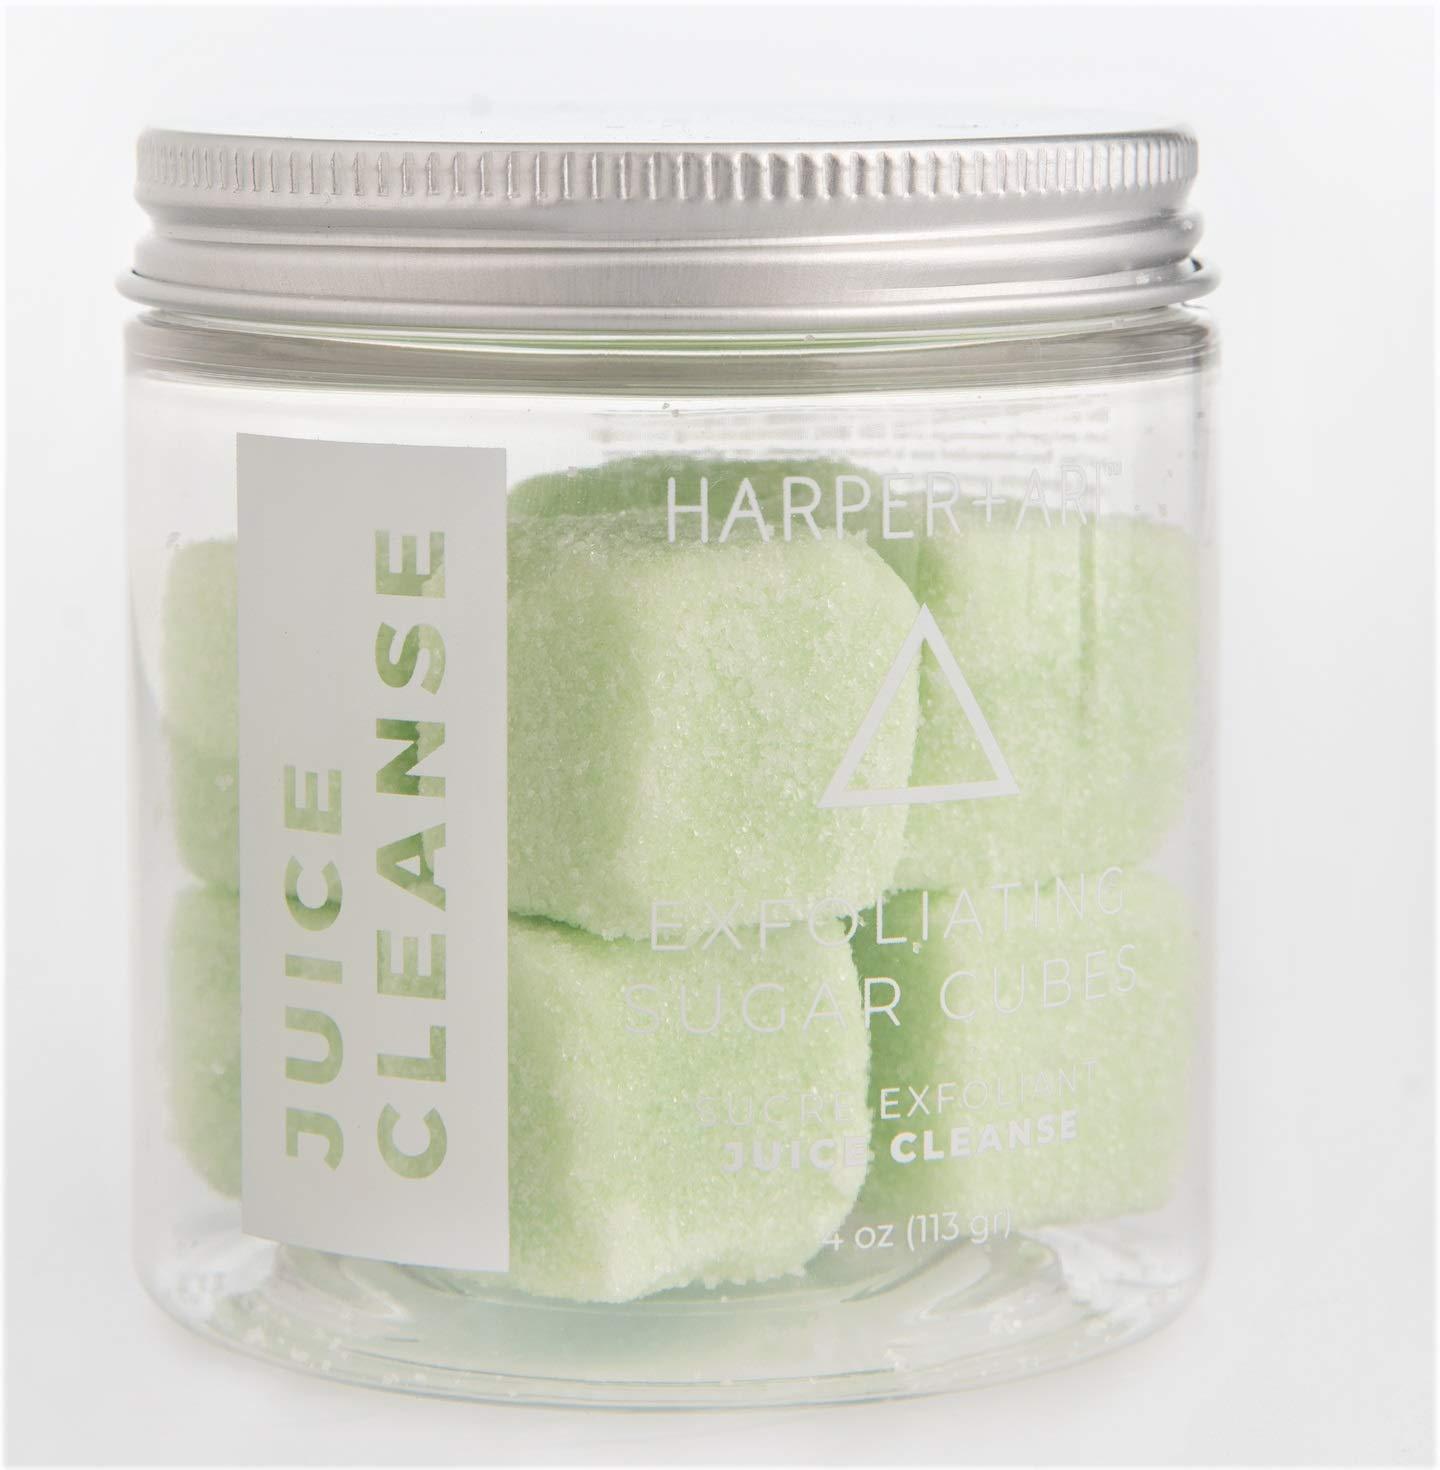 Harper+Ari - Juice Cleanse Exfoliating Sugar Cubes